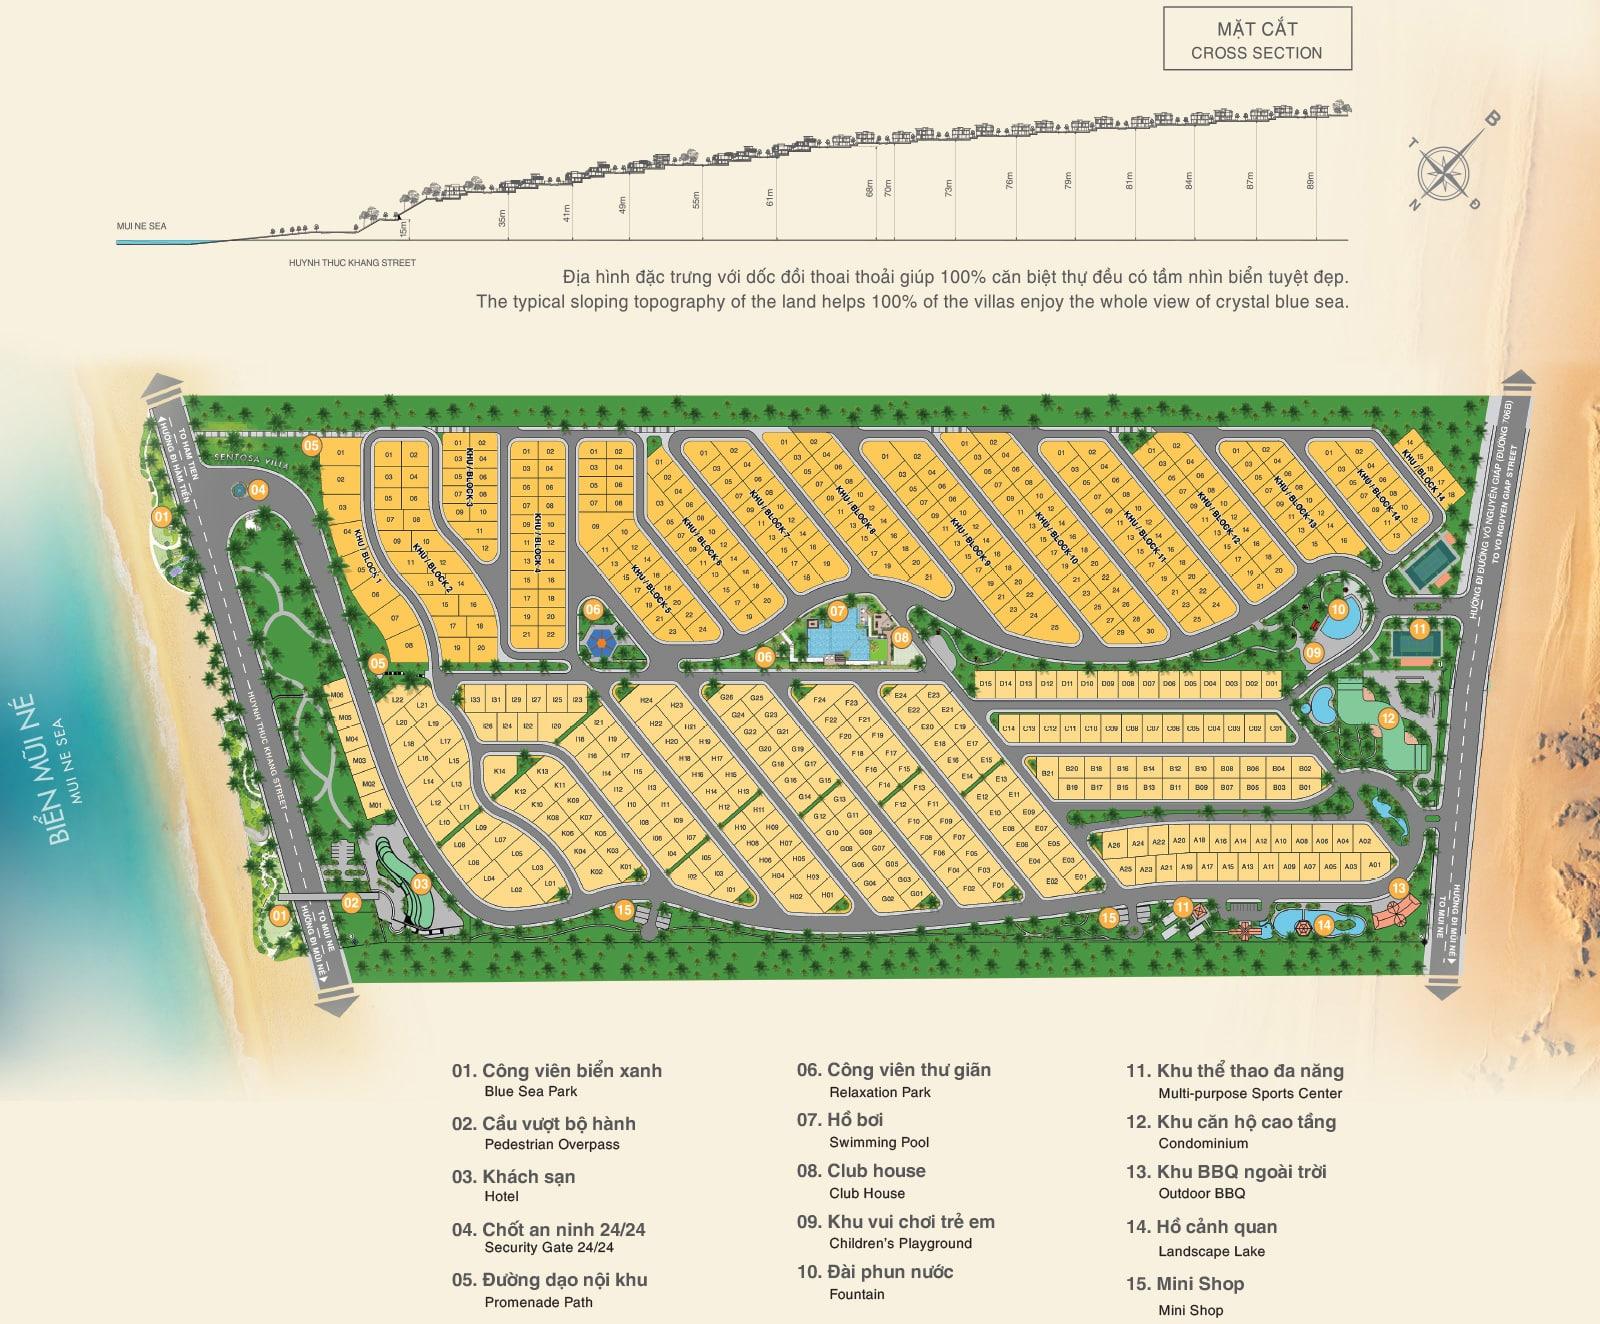 Sentosa Villa Mũi Né - Phan Thiết | Chính sách, bảng giá Chủ Đầu Tư